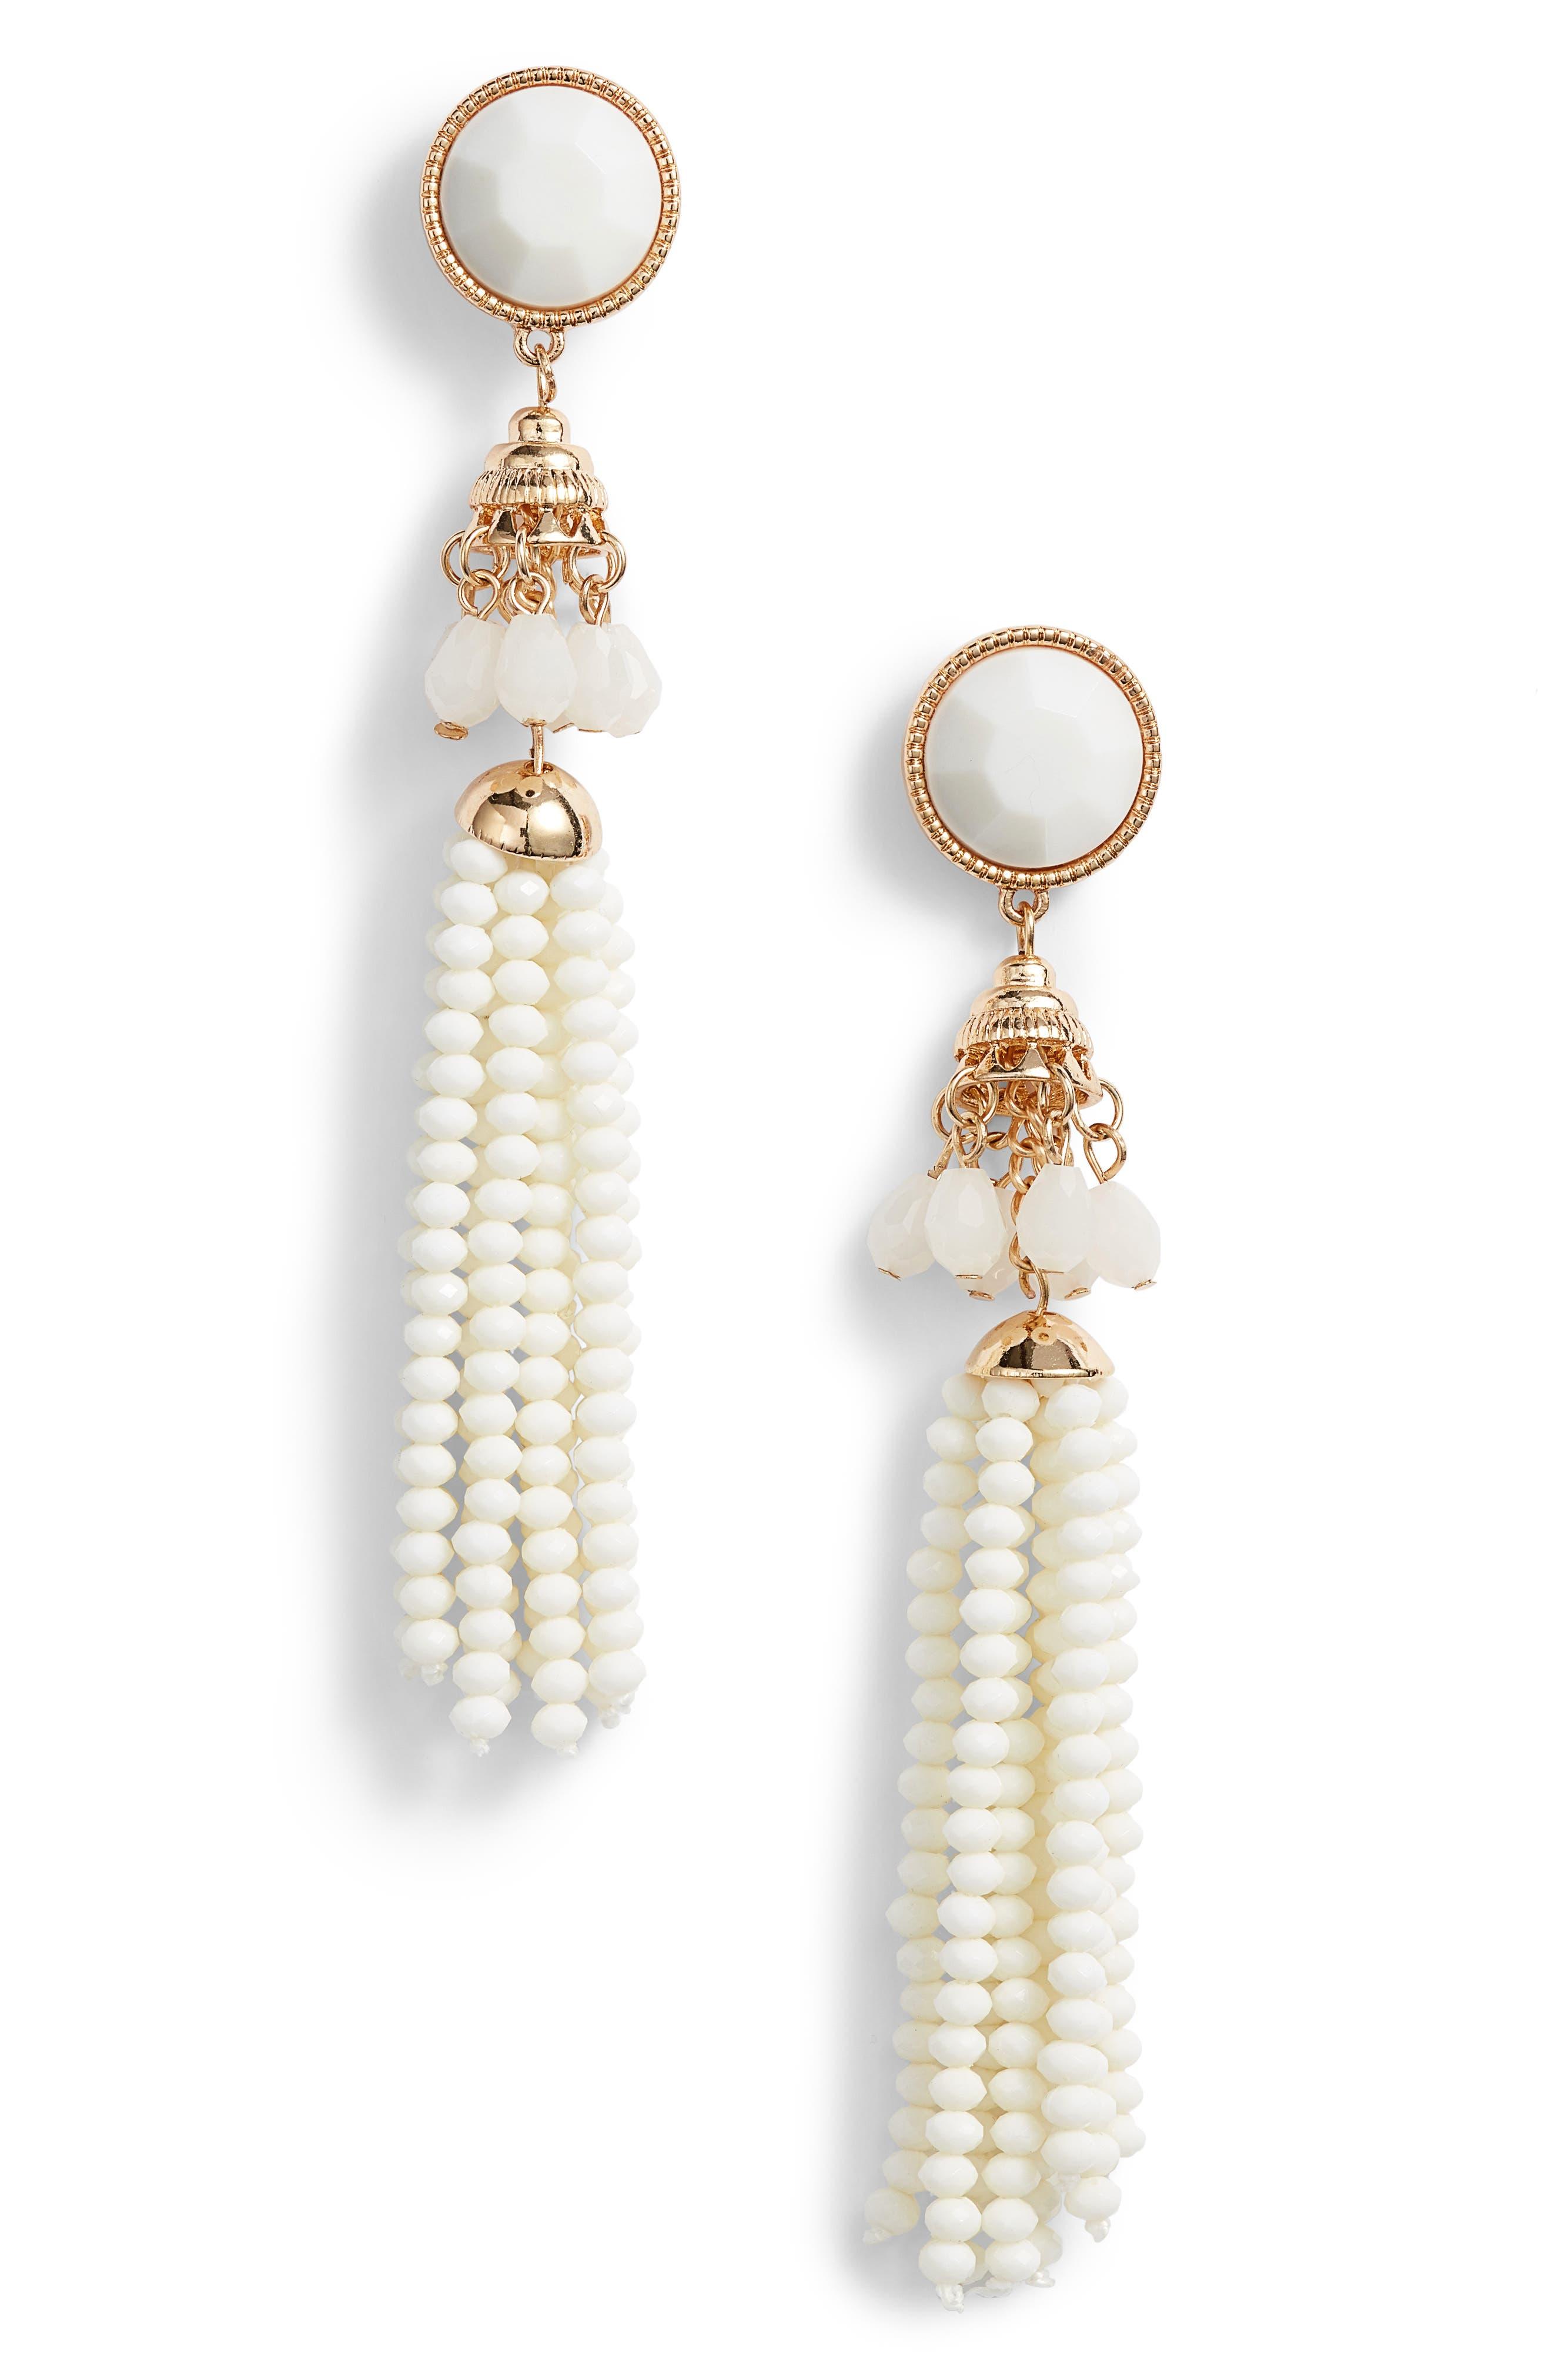 Beaded Tassel Earrings,                         Main,                         color, Gold/ Cream